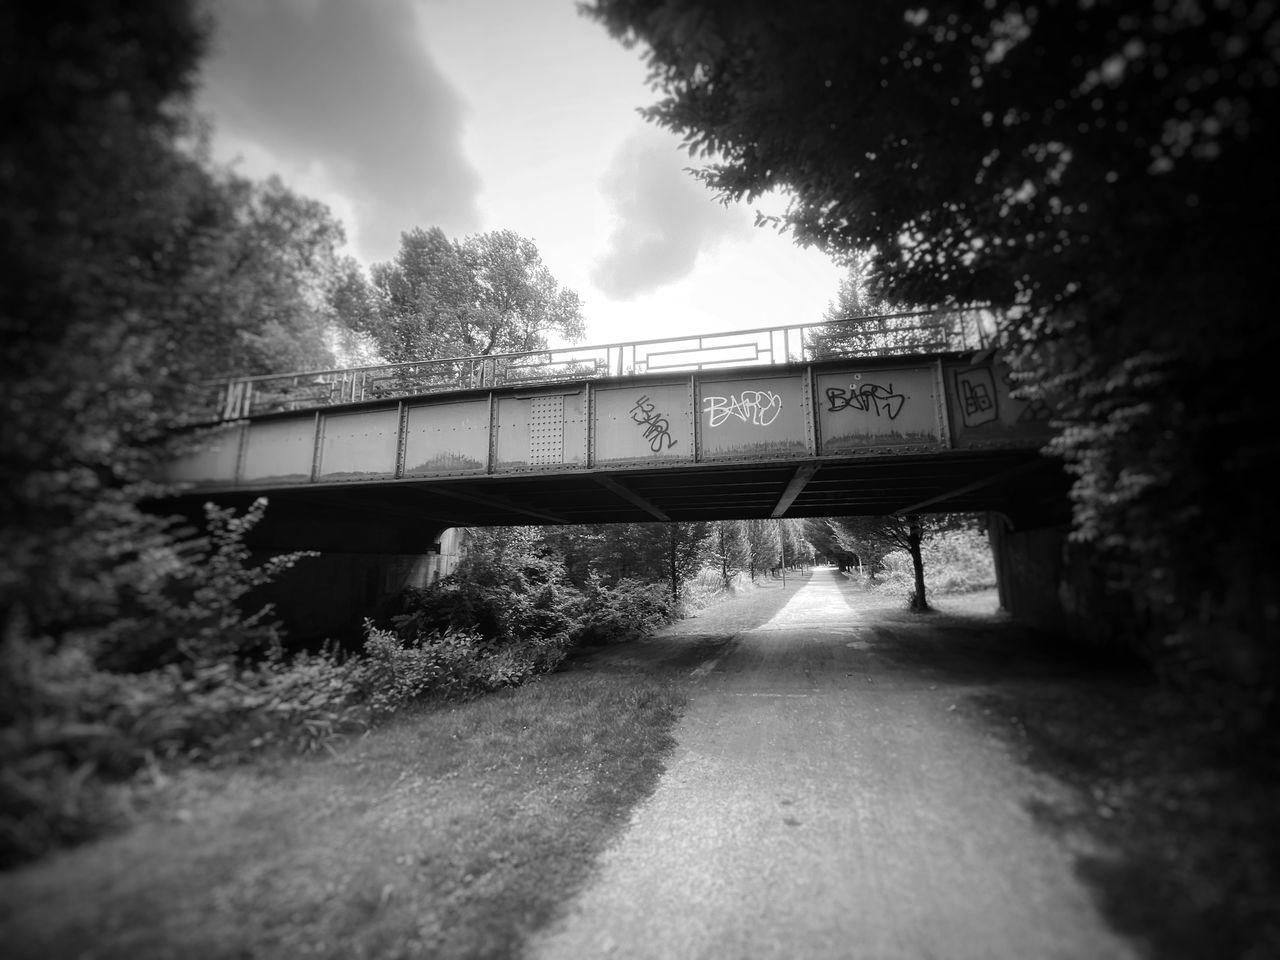 TRAIN PASSING THROUGH BRIDGE